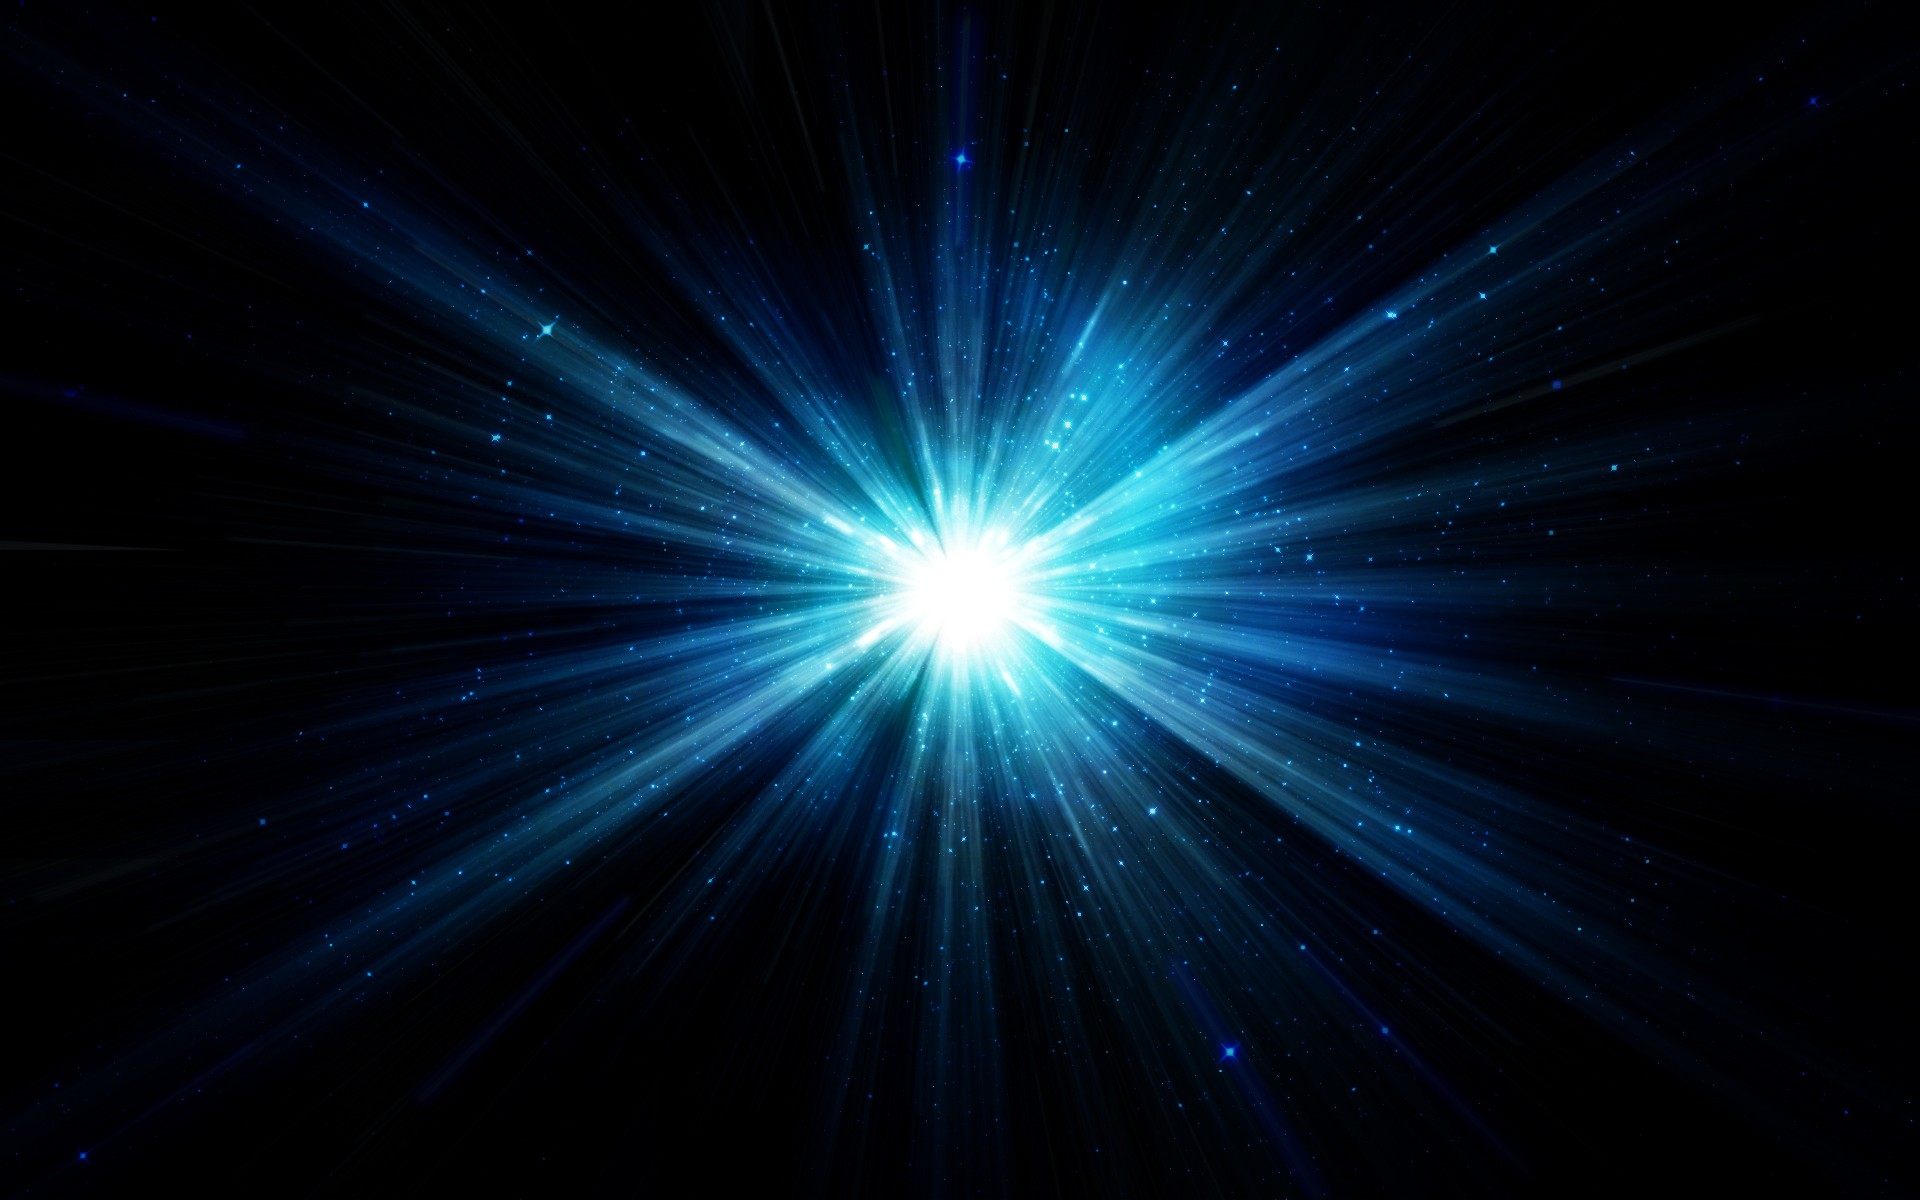 Обои сияние линии свечение lights line glow картинки на рабочий стол на тему Космос - скачать скачать